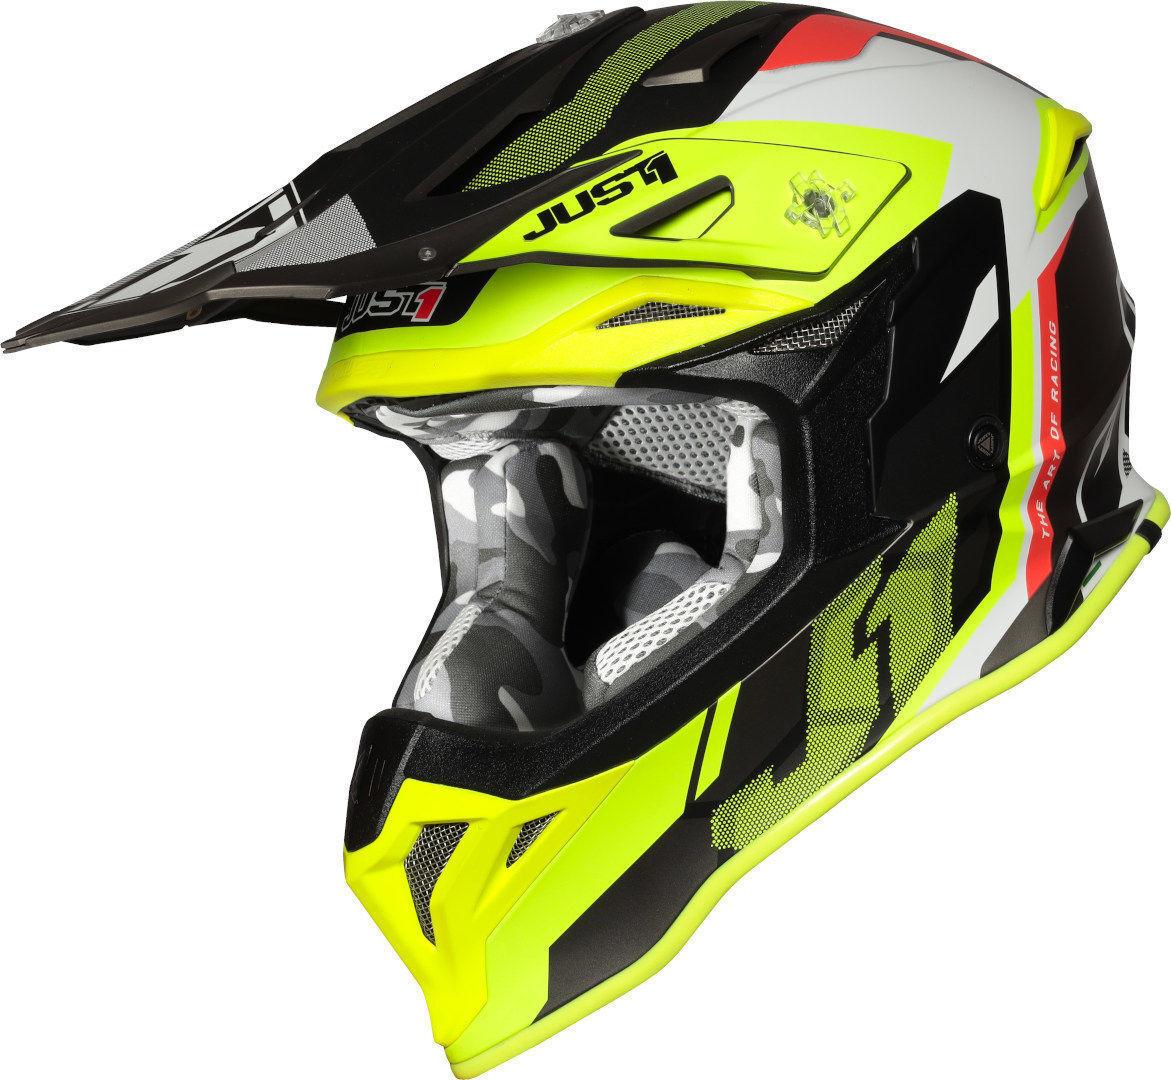 Just1 J39 Reactor Motocross kypärä  - Musta Punainen Keltainen - Size: XL